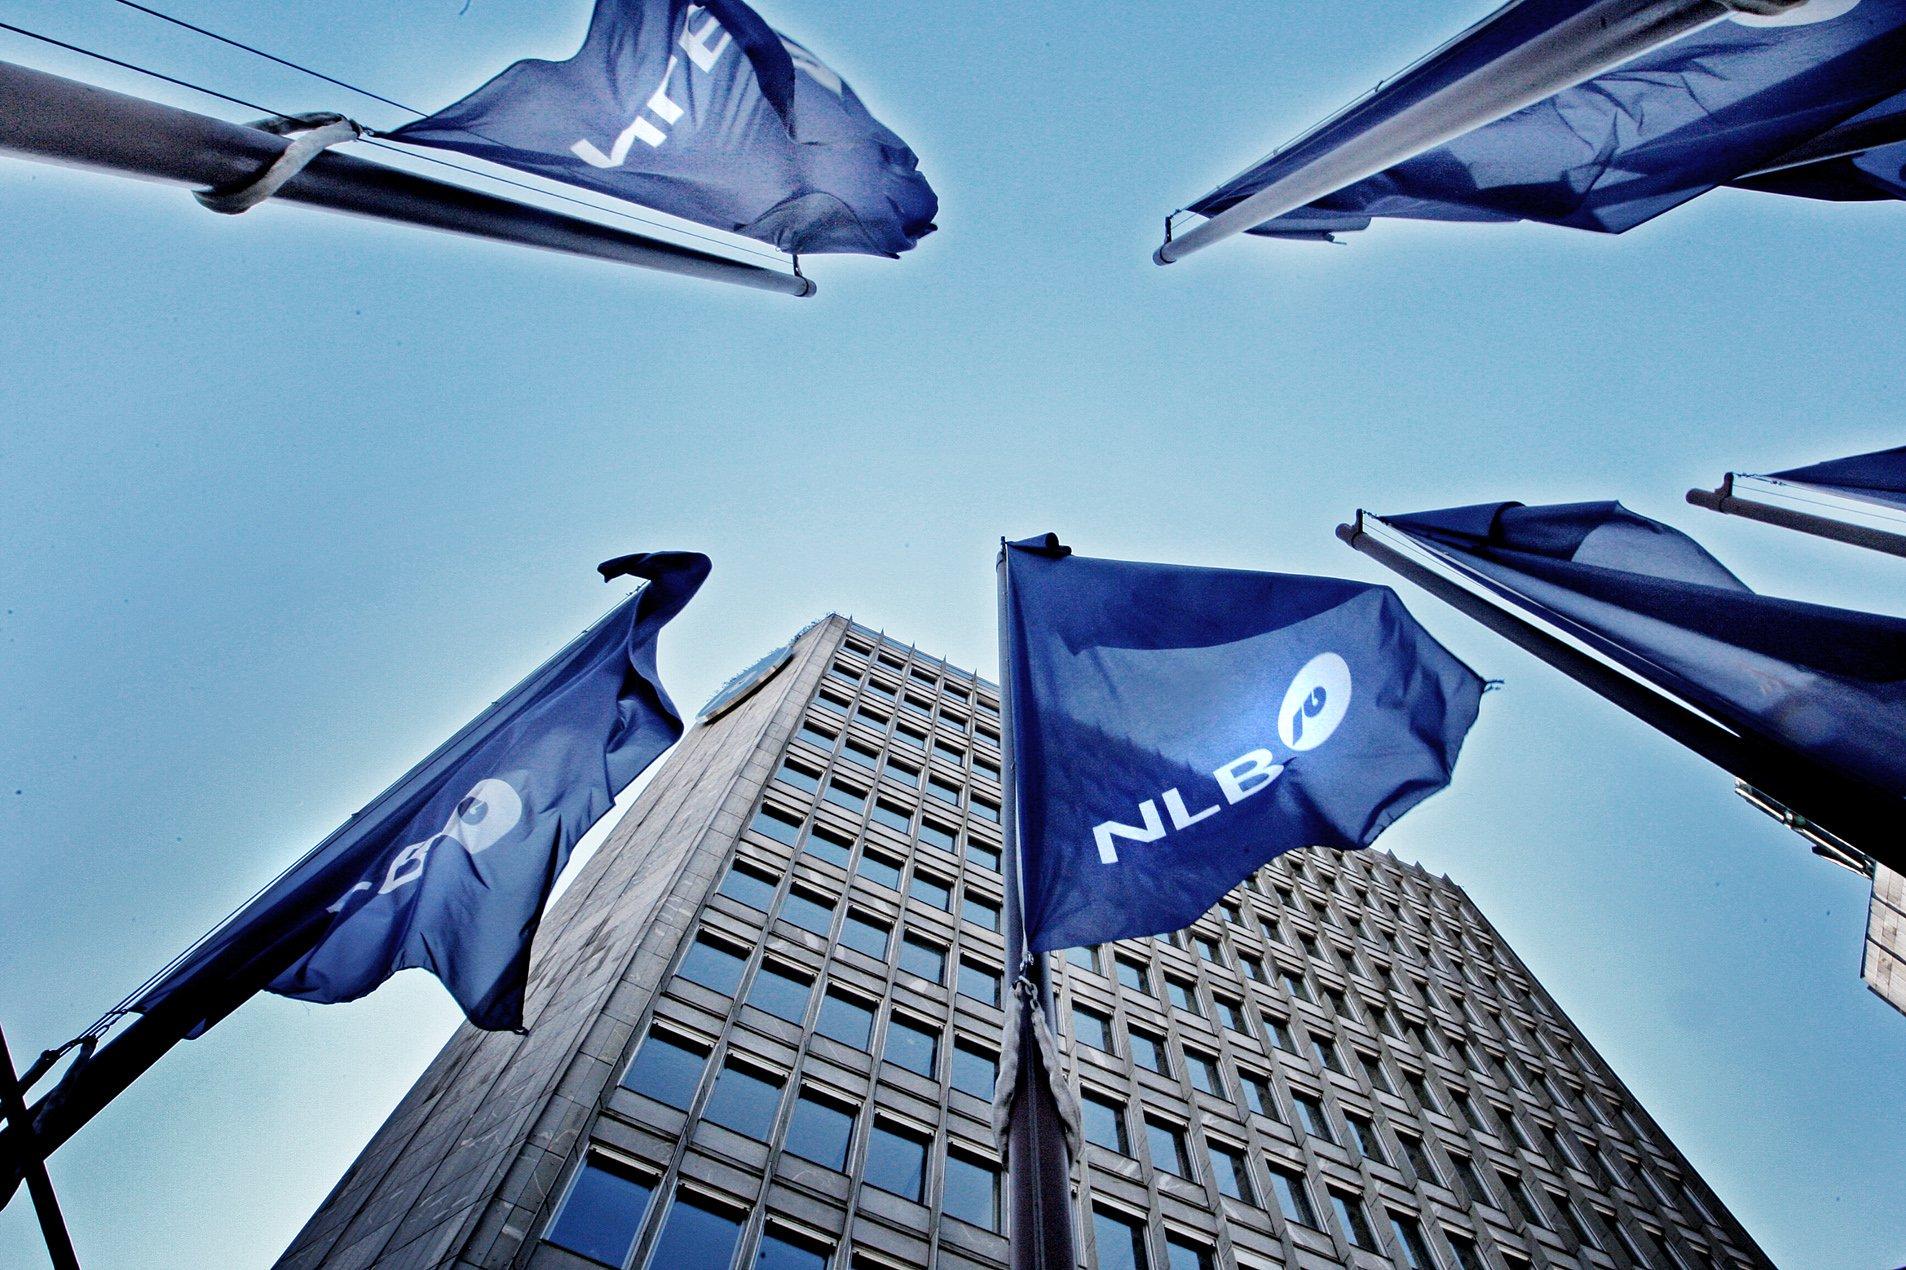 Заставе са логом НЛБ банке се вијоре испред управне зграде банке у Љубљани (Фото: File photo)